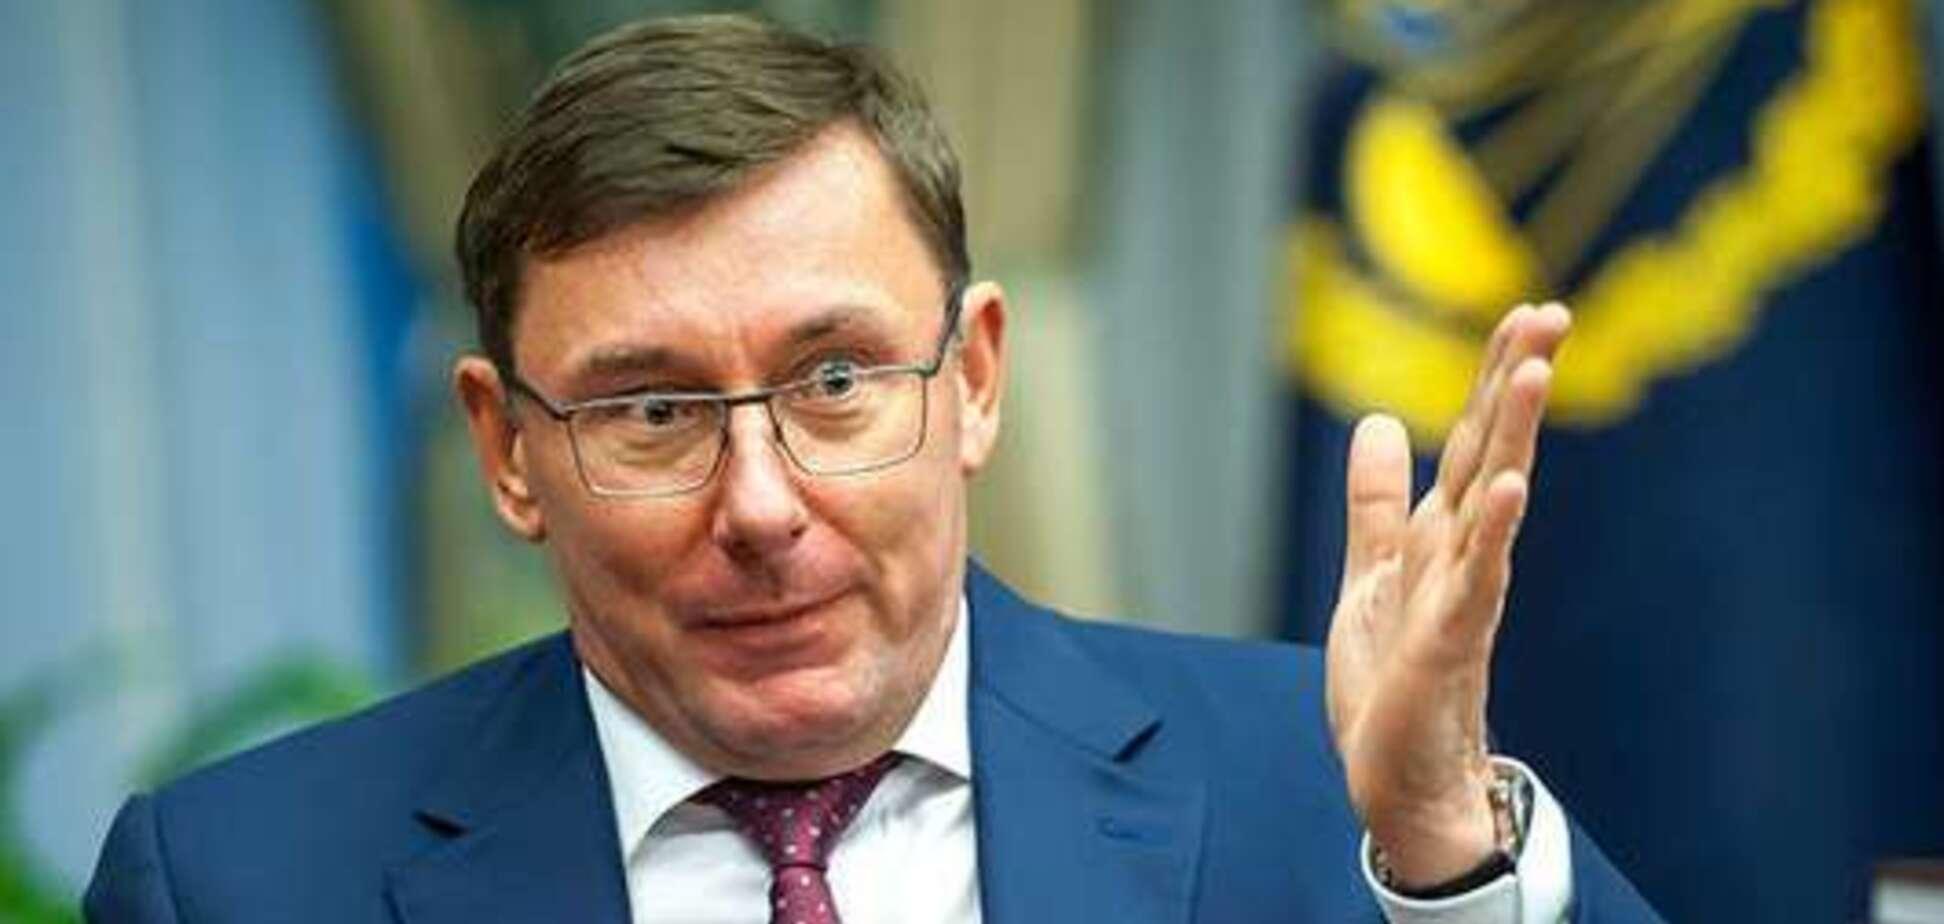 'Не лижіть!' Луценко відреагував на обшуки СБУ лайливим відео